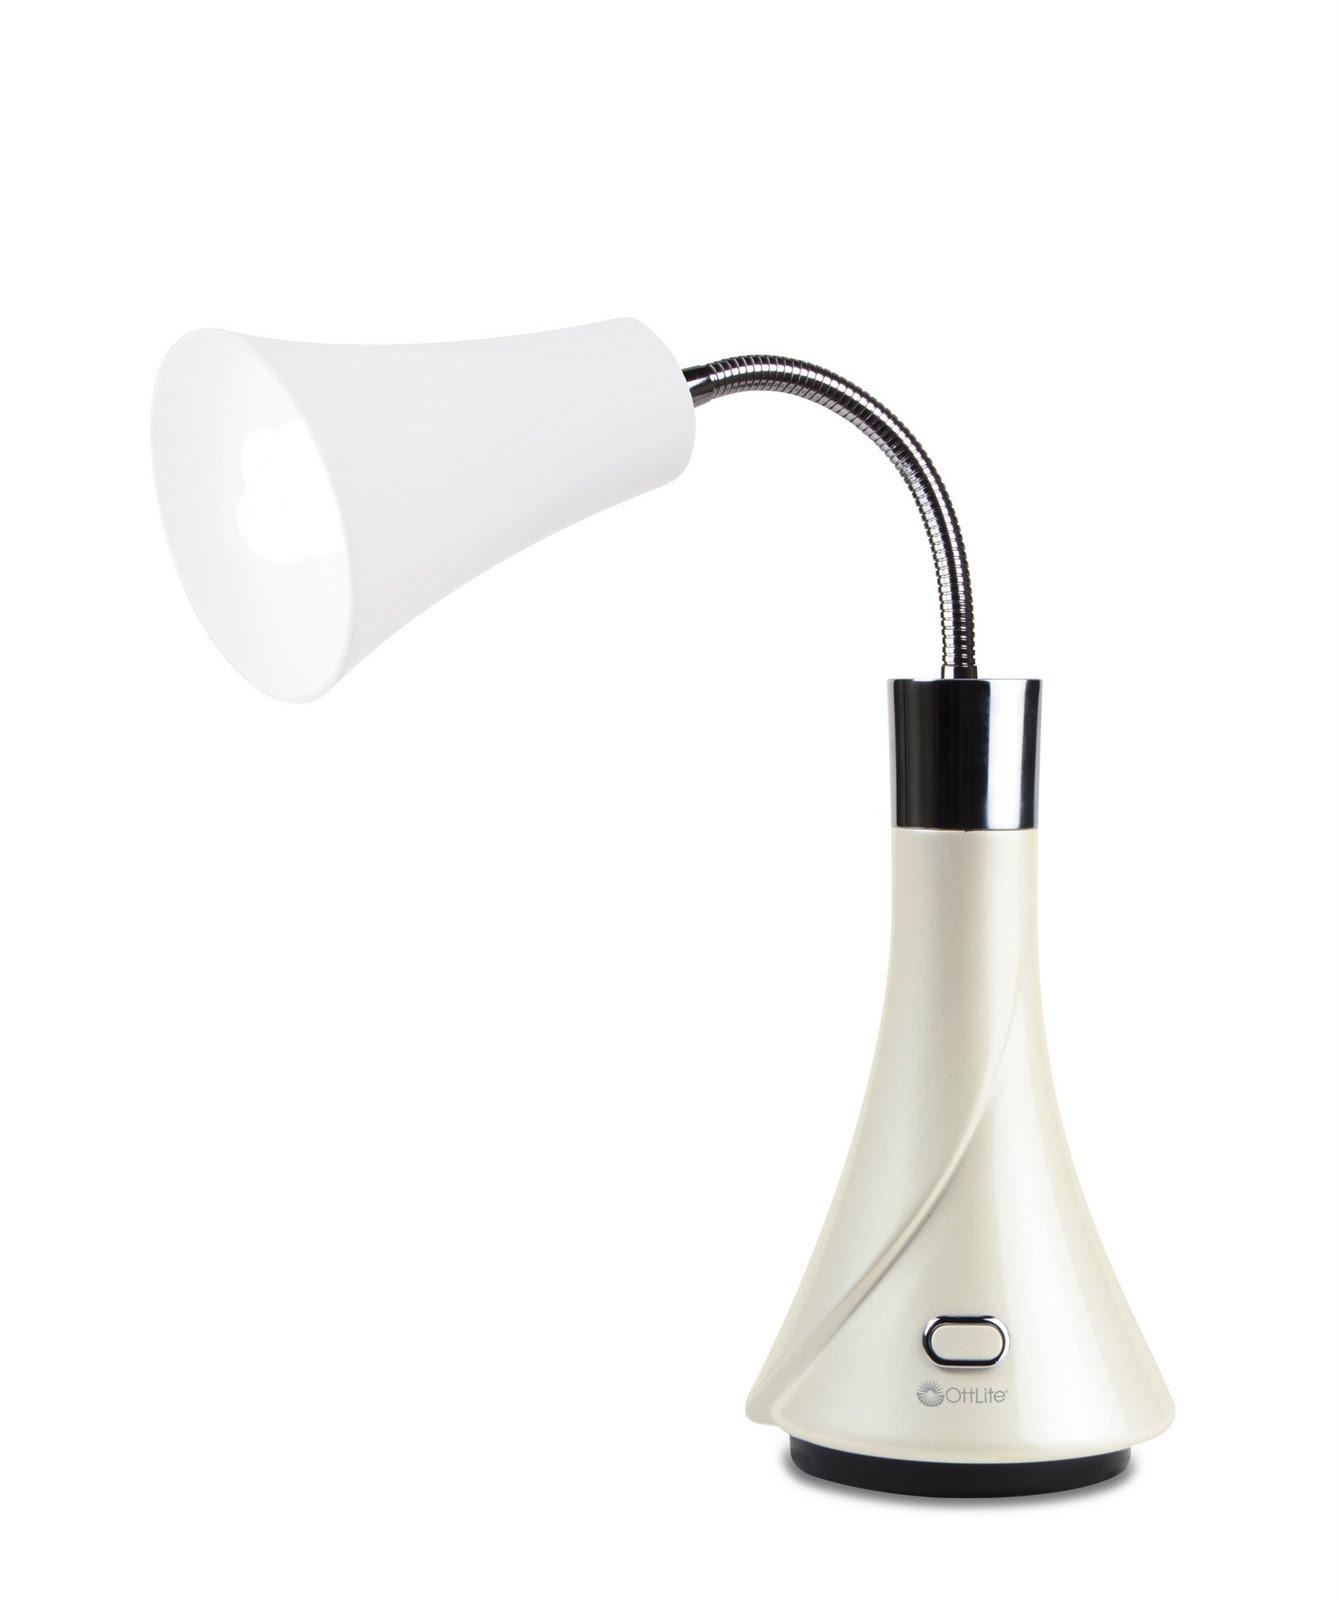 Ottlite Lighting Customer Reviews Lighting Ideas